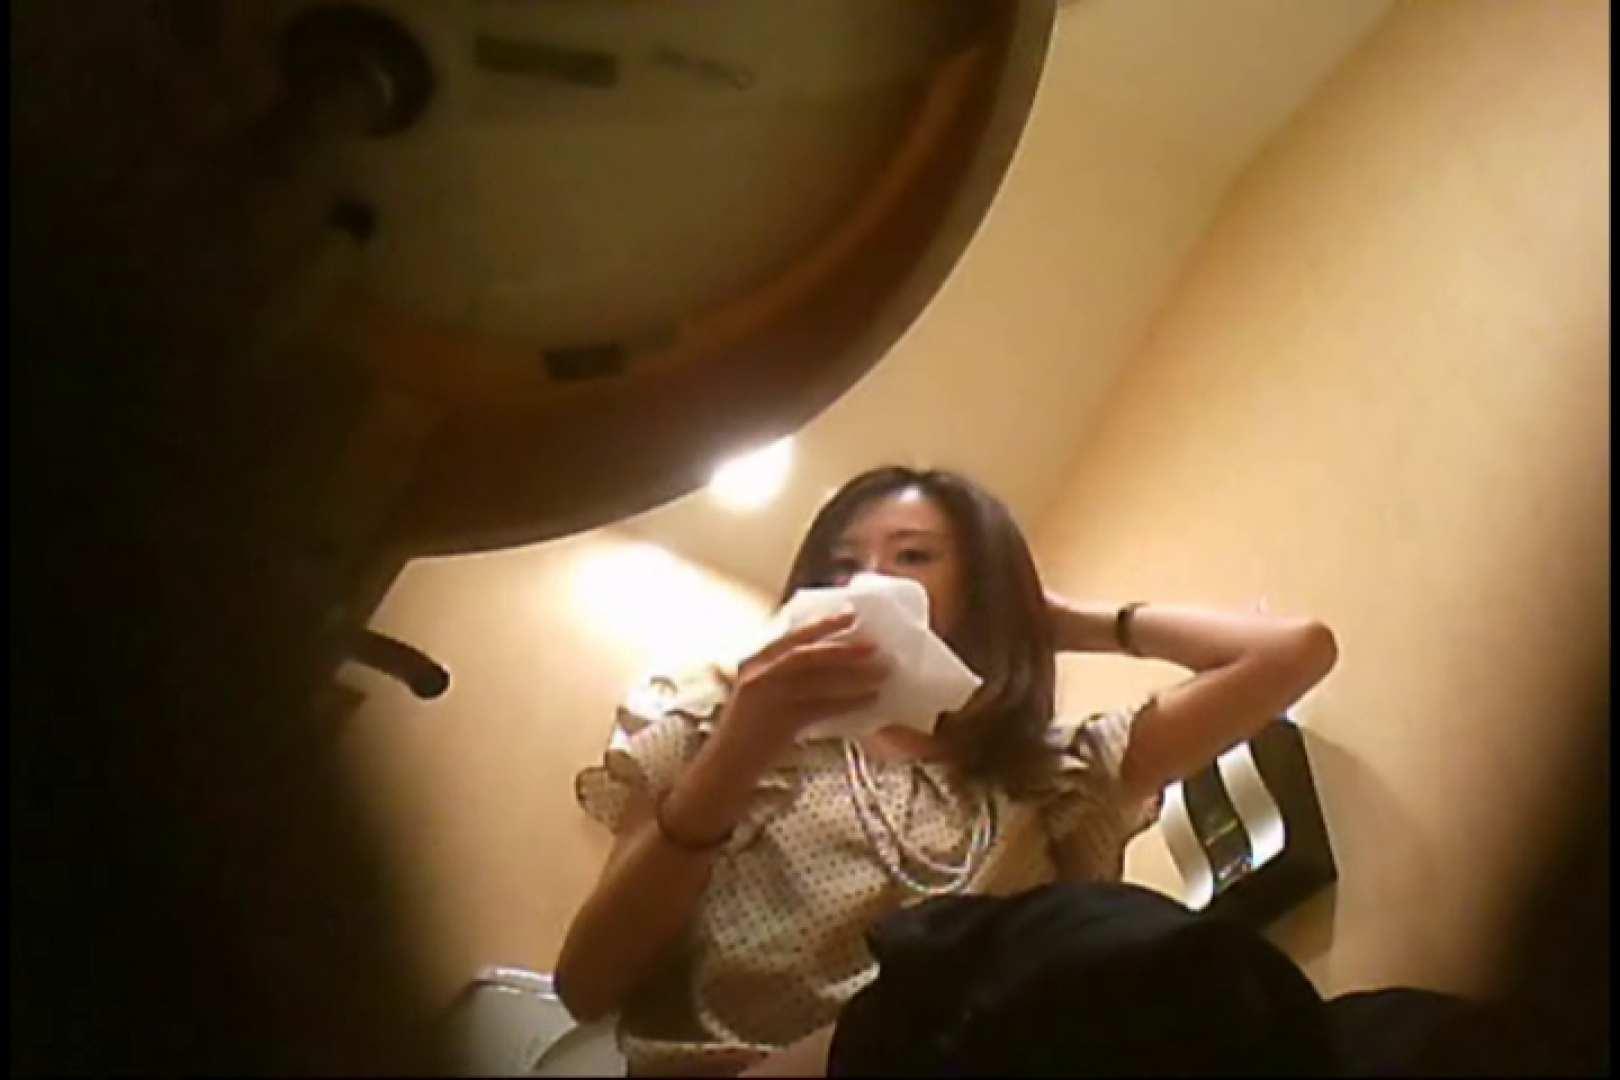 潜入!!女子化粧室盗撮~絶対見られたくない時間~vo,116 潜入 AV動画キャプチャ 78PICs 35